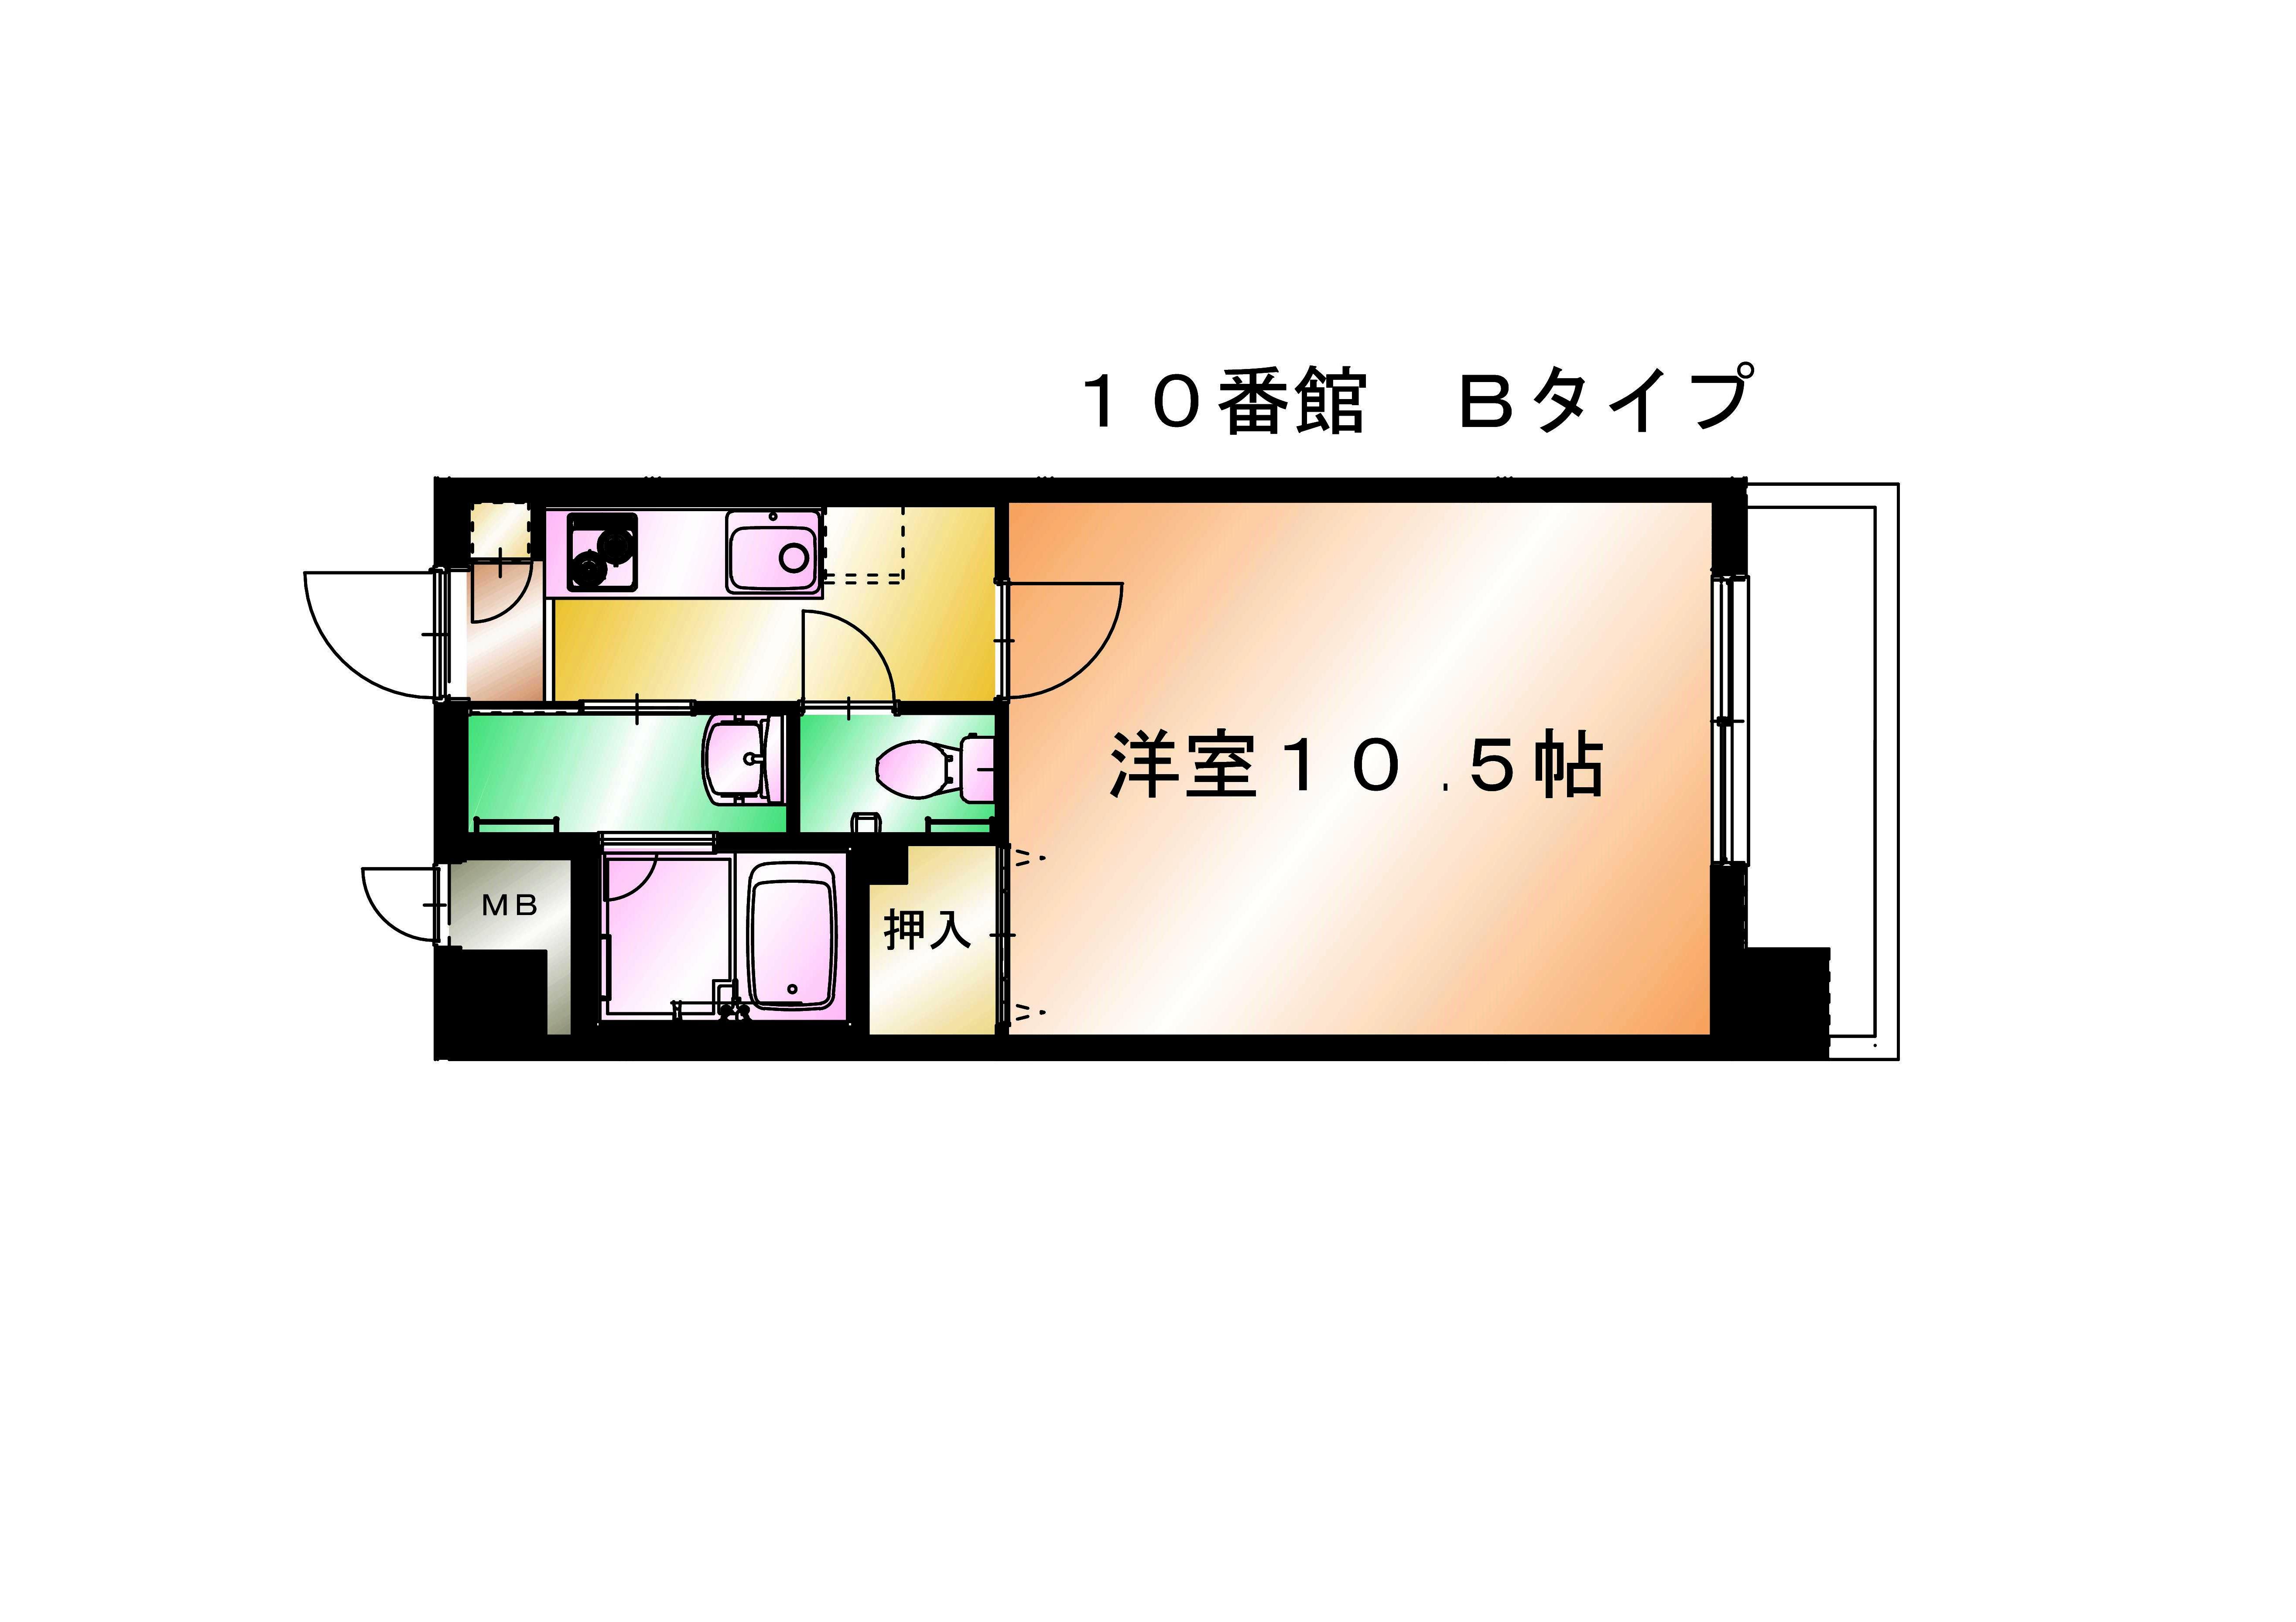 シャルレ10番館 Bタイプ